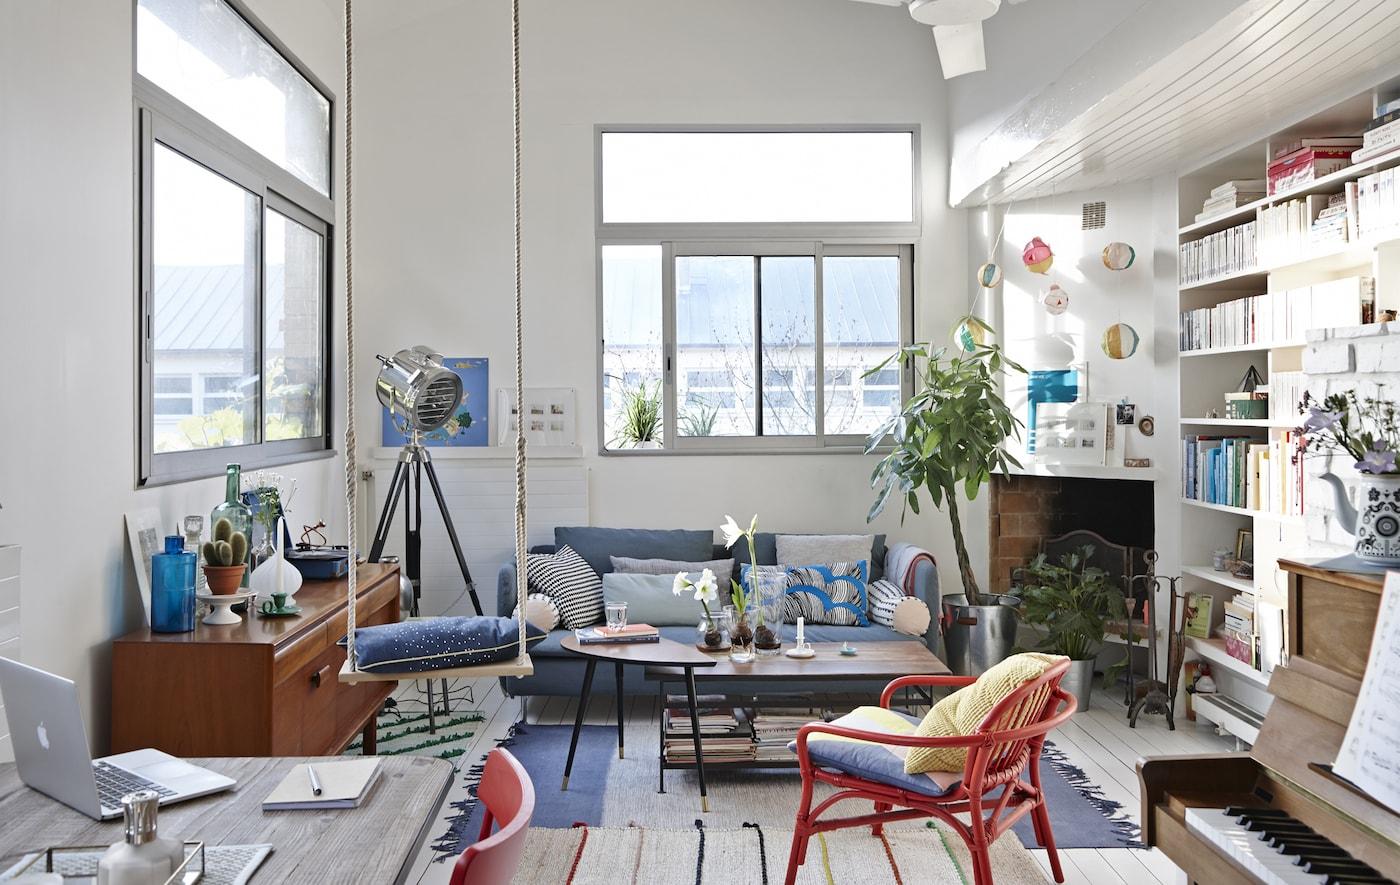 Ein buntes Wohnzimmer mit einem IKEA Sofa